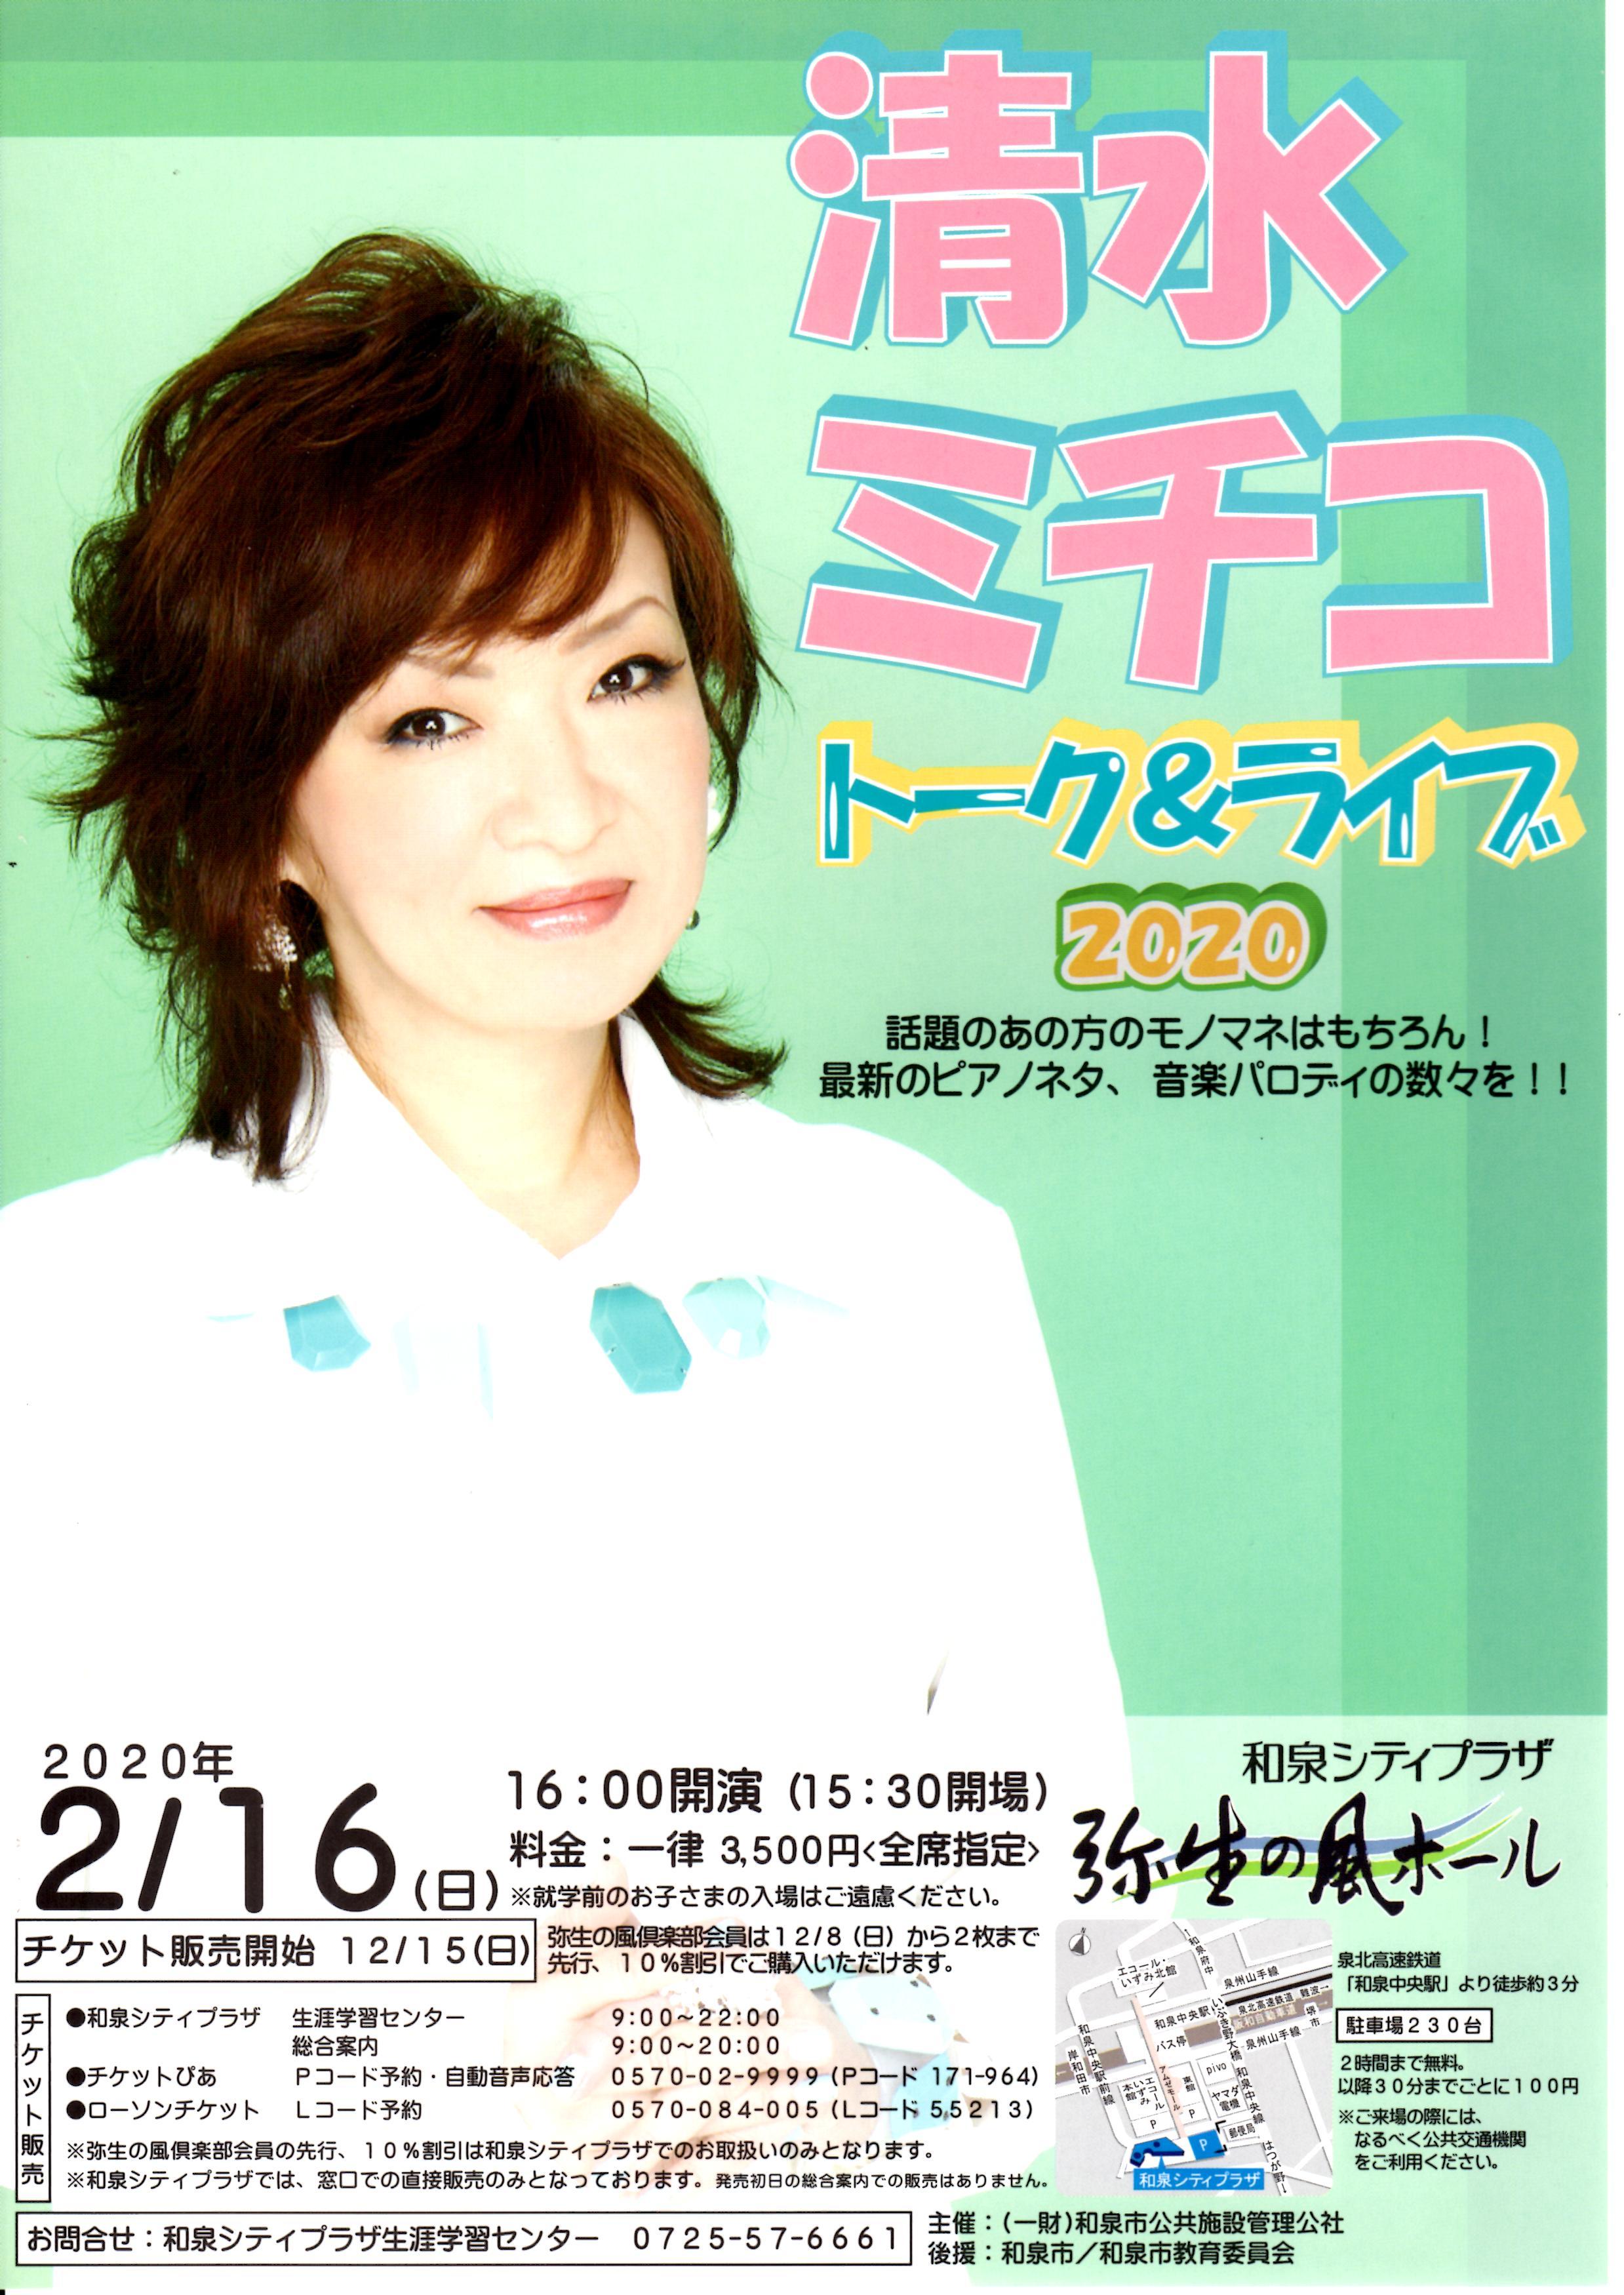 【終了】2020年2月16日(日) 清水ミチコ トーク&ライブ2020